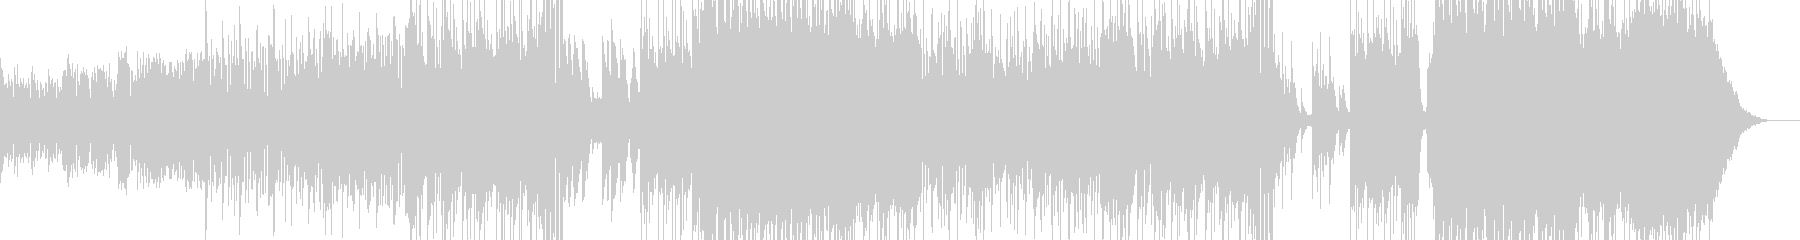 ハロウィンナイト・異世界風ワルツ Bの未再生の波形